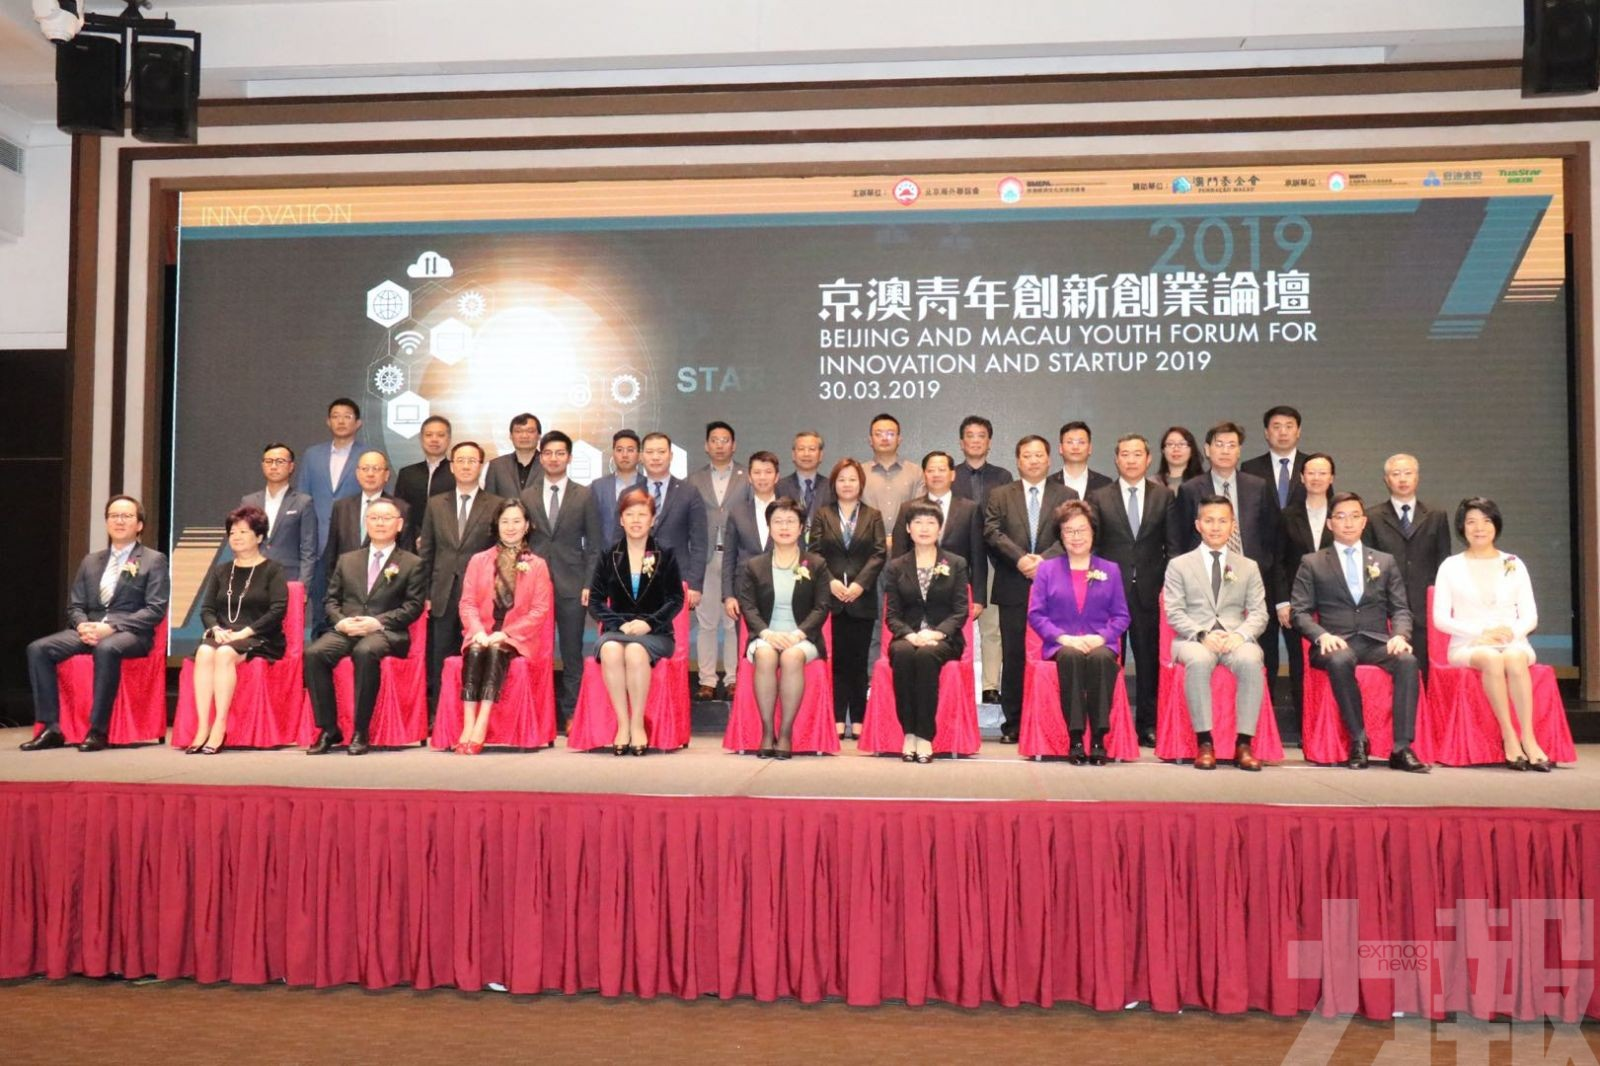 京澳青年創新創業論壇促兩地「雙創」